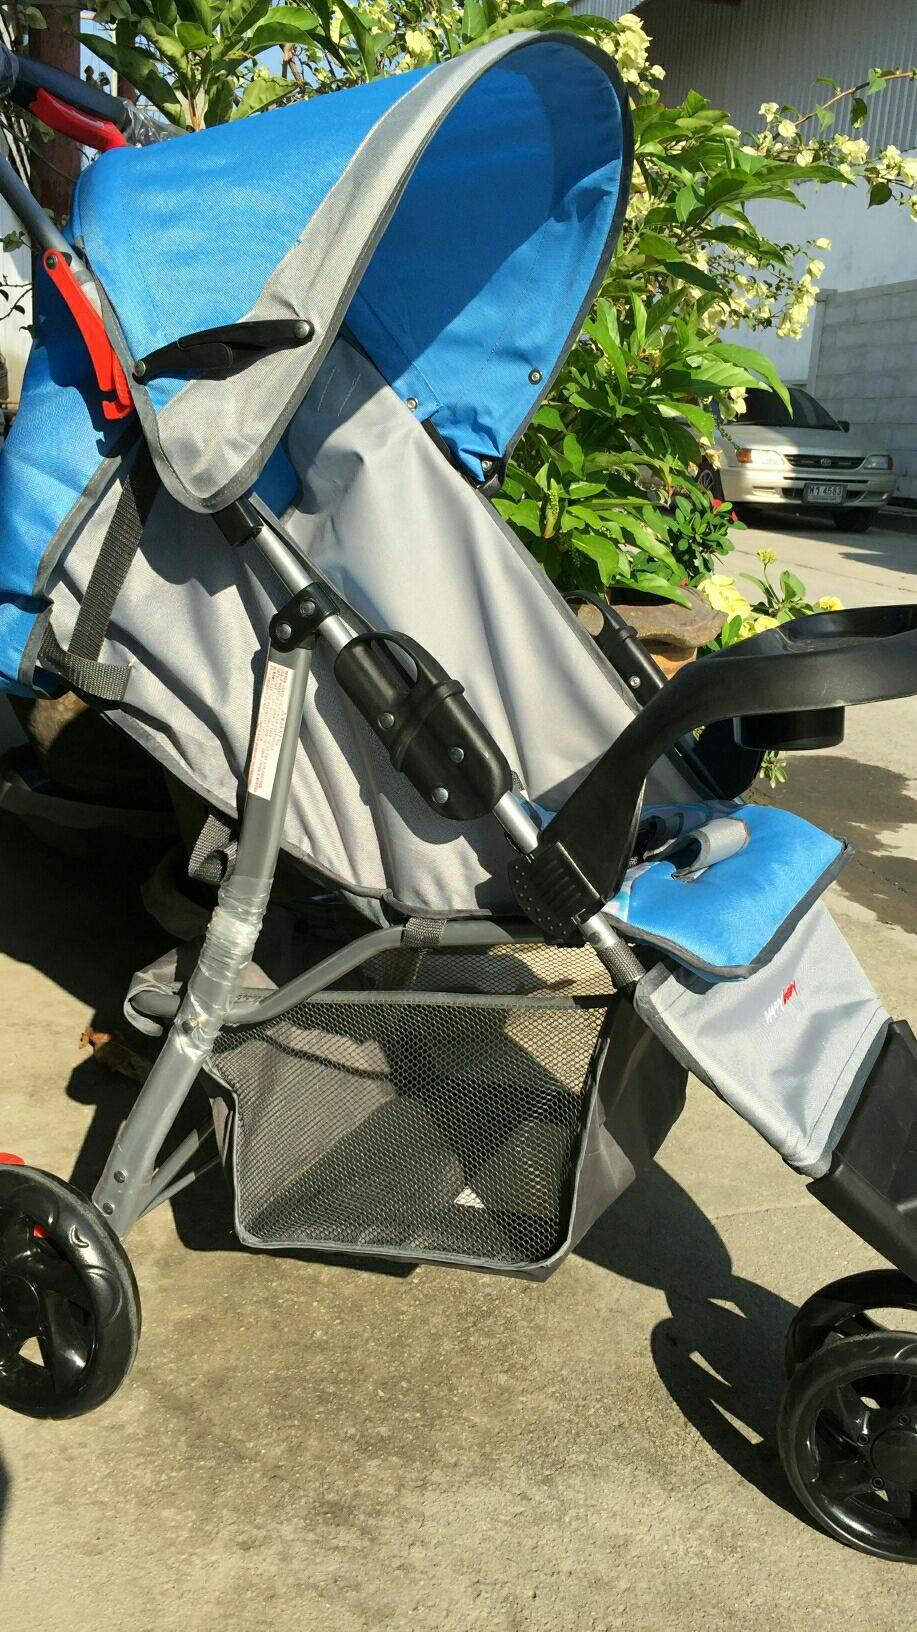 คูปอง ส่วนลด เมื่อซื้อ Palight อุปกรณ์เสริมรถเข็นเด็ก PALIGHT ฤดูร้อนที่คลุมรถเข็นเด็กตาข่ายกันยุง - INTL ร้านที่เครดิตดีที่1